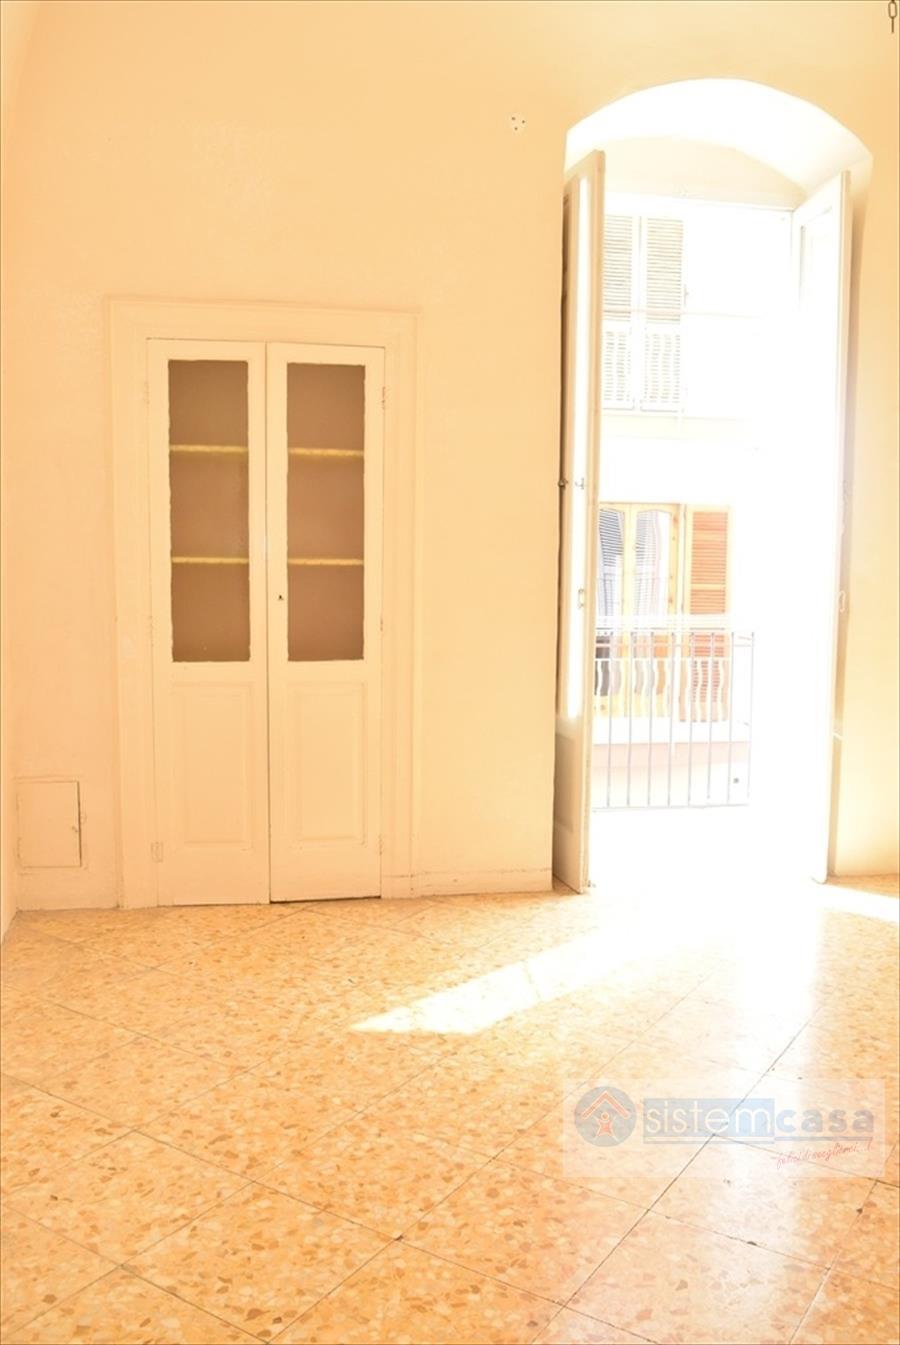 Appartamento in vendita a Corato, 2 locali, prezzo € 59.000 | CambioCasa.it